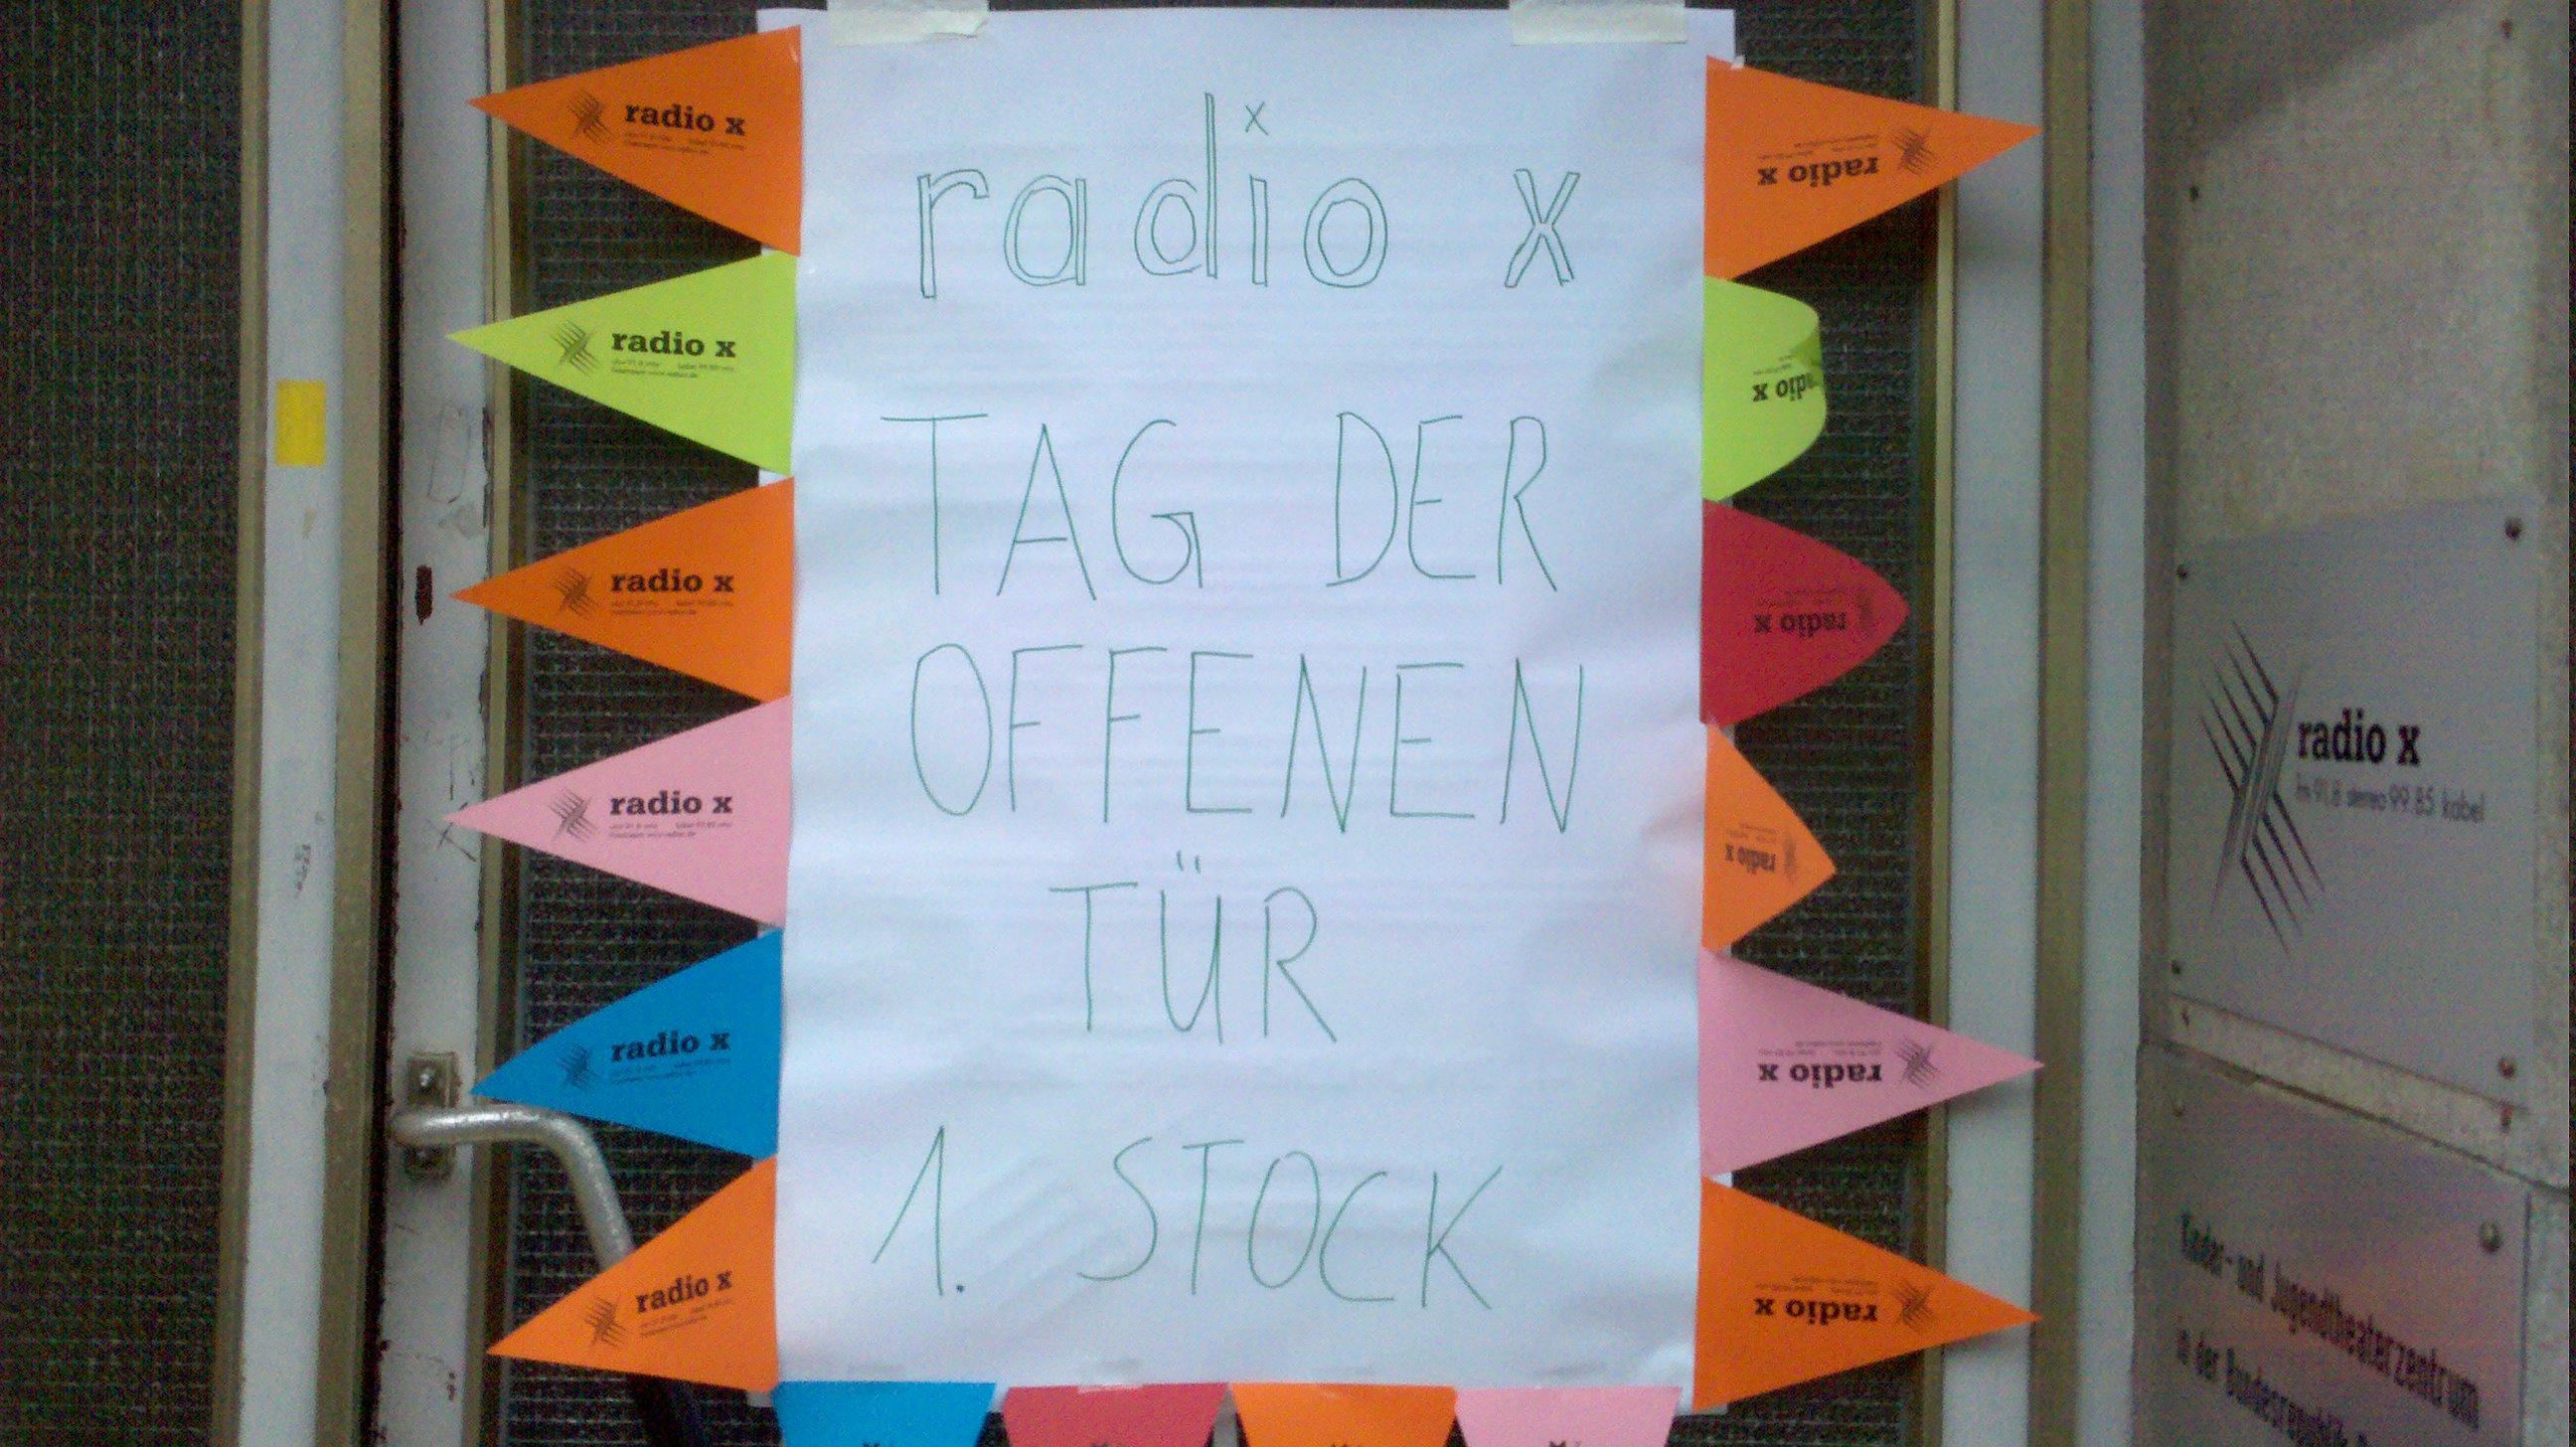 Radio X: Tag der offenen Tür